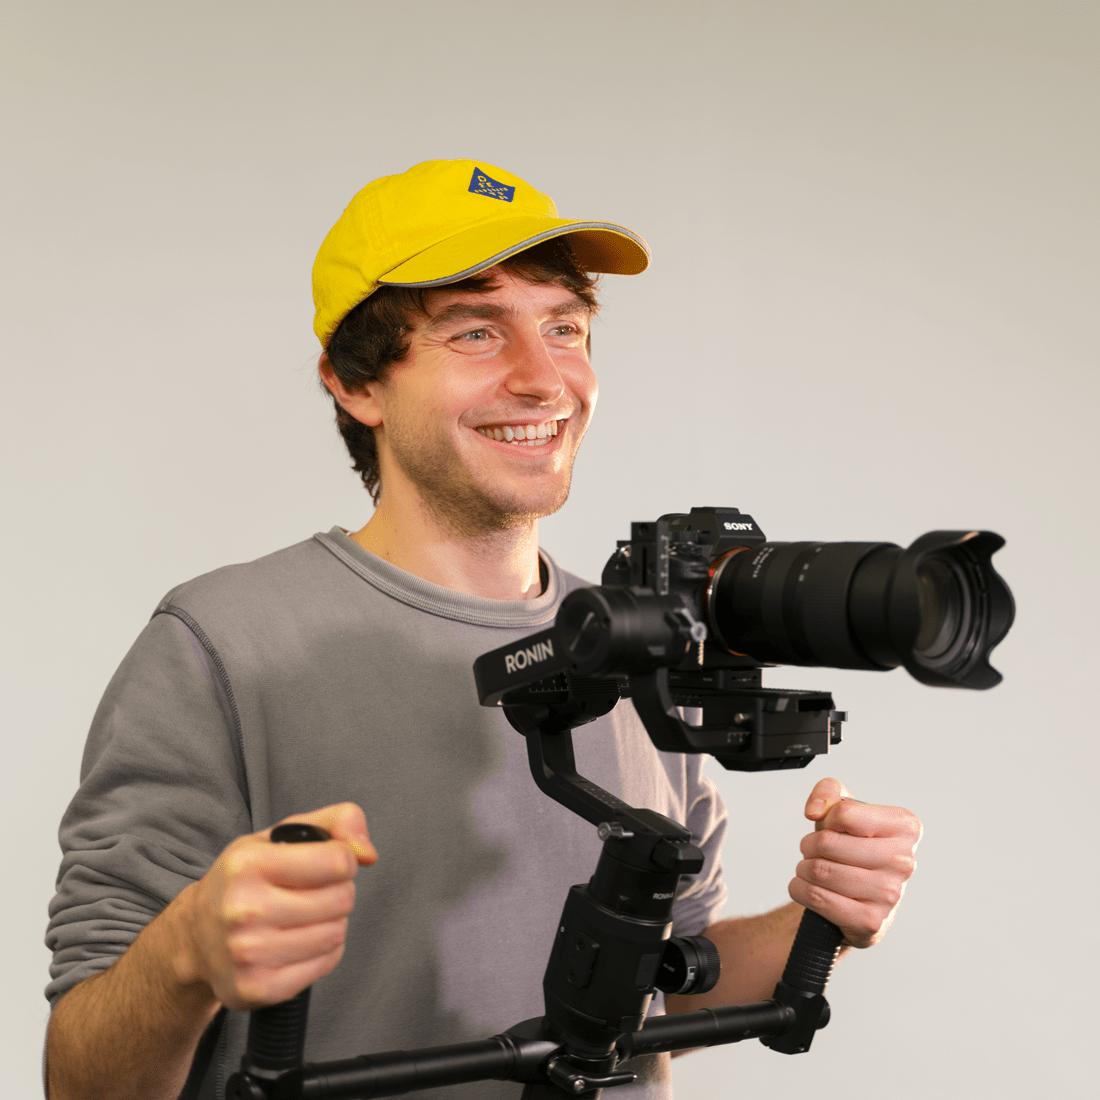 Simone Putzu, Classe '93, Videomaker, durante gli studi inizia a lavorare come freelance a Genova. Perfezionista e ossessionato dal colore, entra a far parte di Plurale Video portando con sé un ricco bagaglio di esperienza sul campo, sia come operatore video sia nella fase di post-produzione.